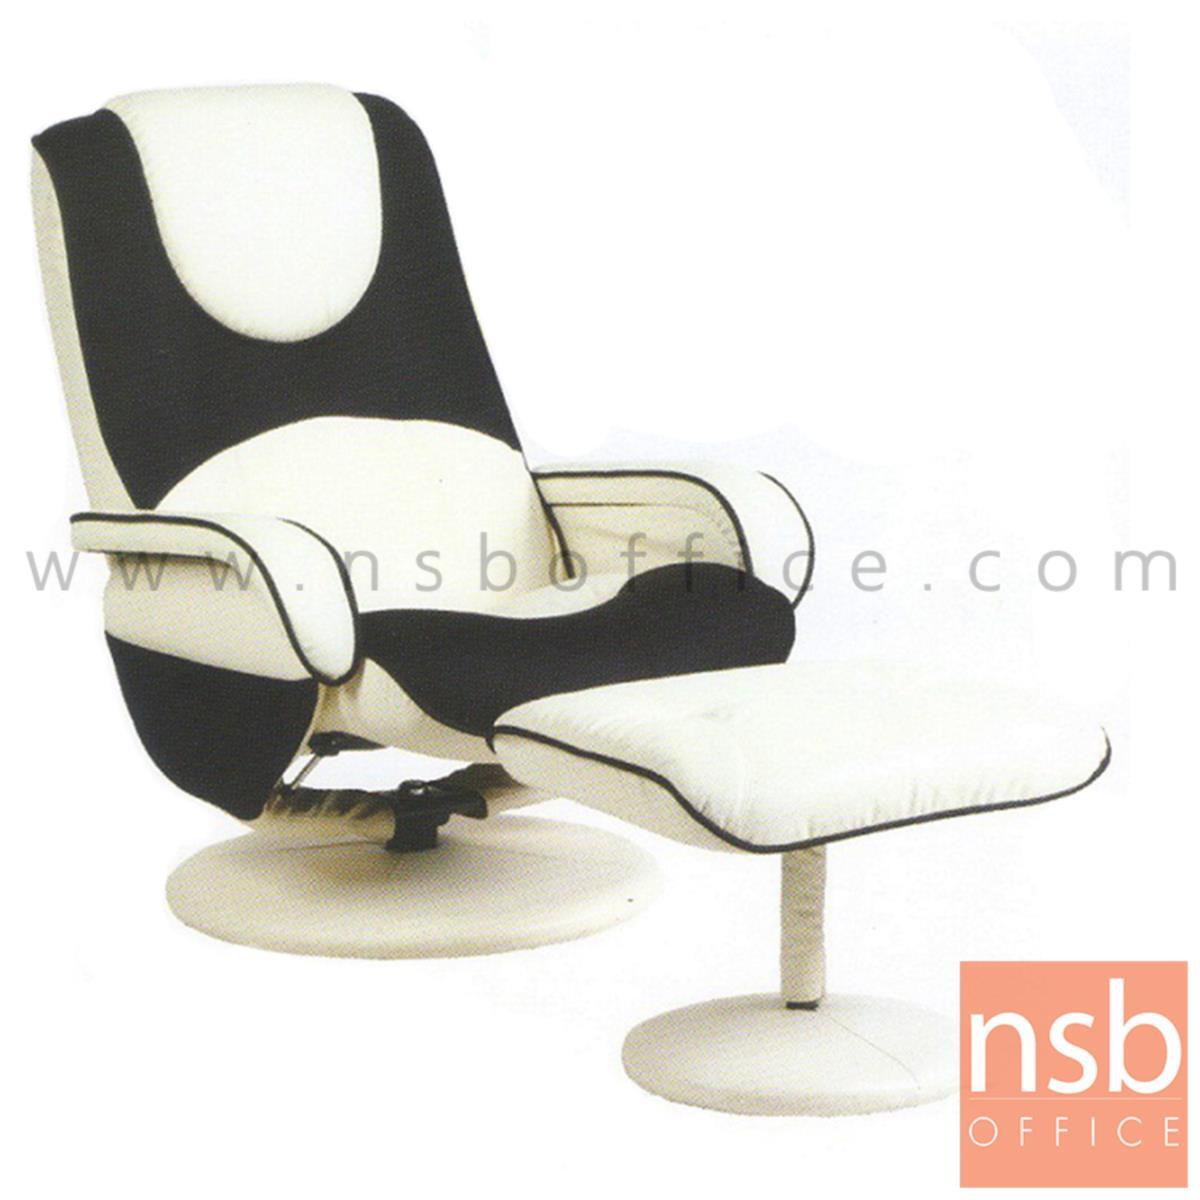 B22A027:เก้าอี้พักผ่อนหนังเทียม  รุ่น Kaʻanoi ( คาอาโนอี) ขนาด 77W cm. พร้อมที่วางเท้า